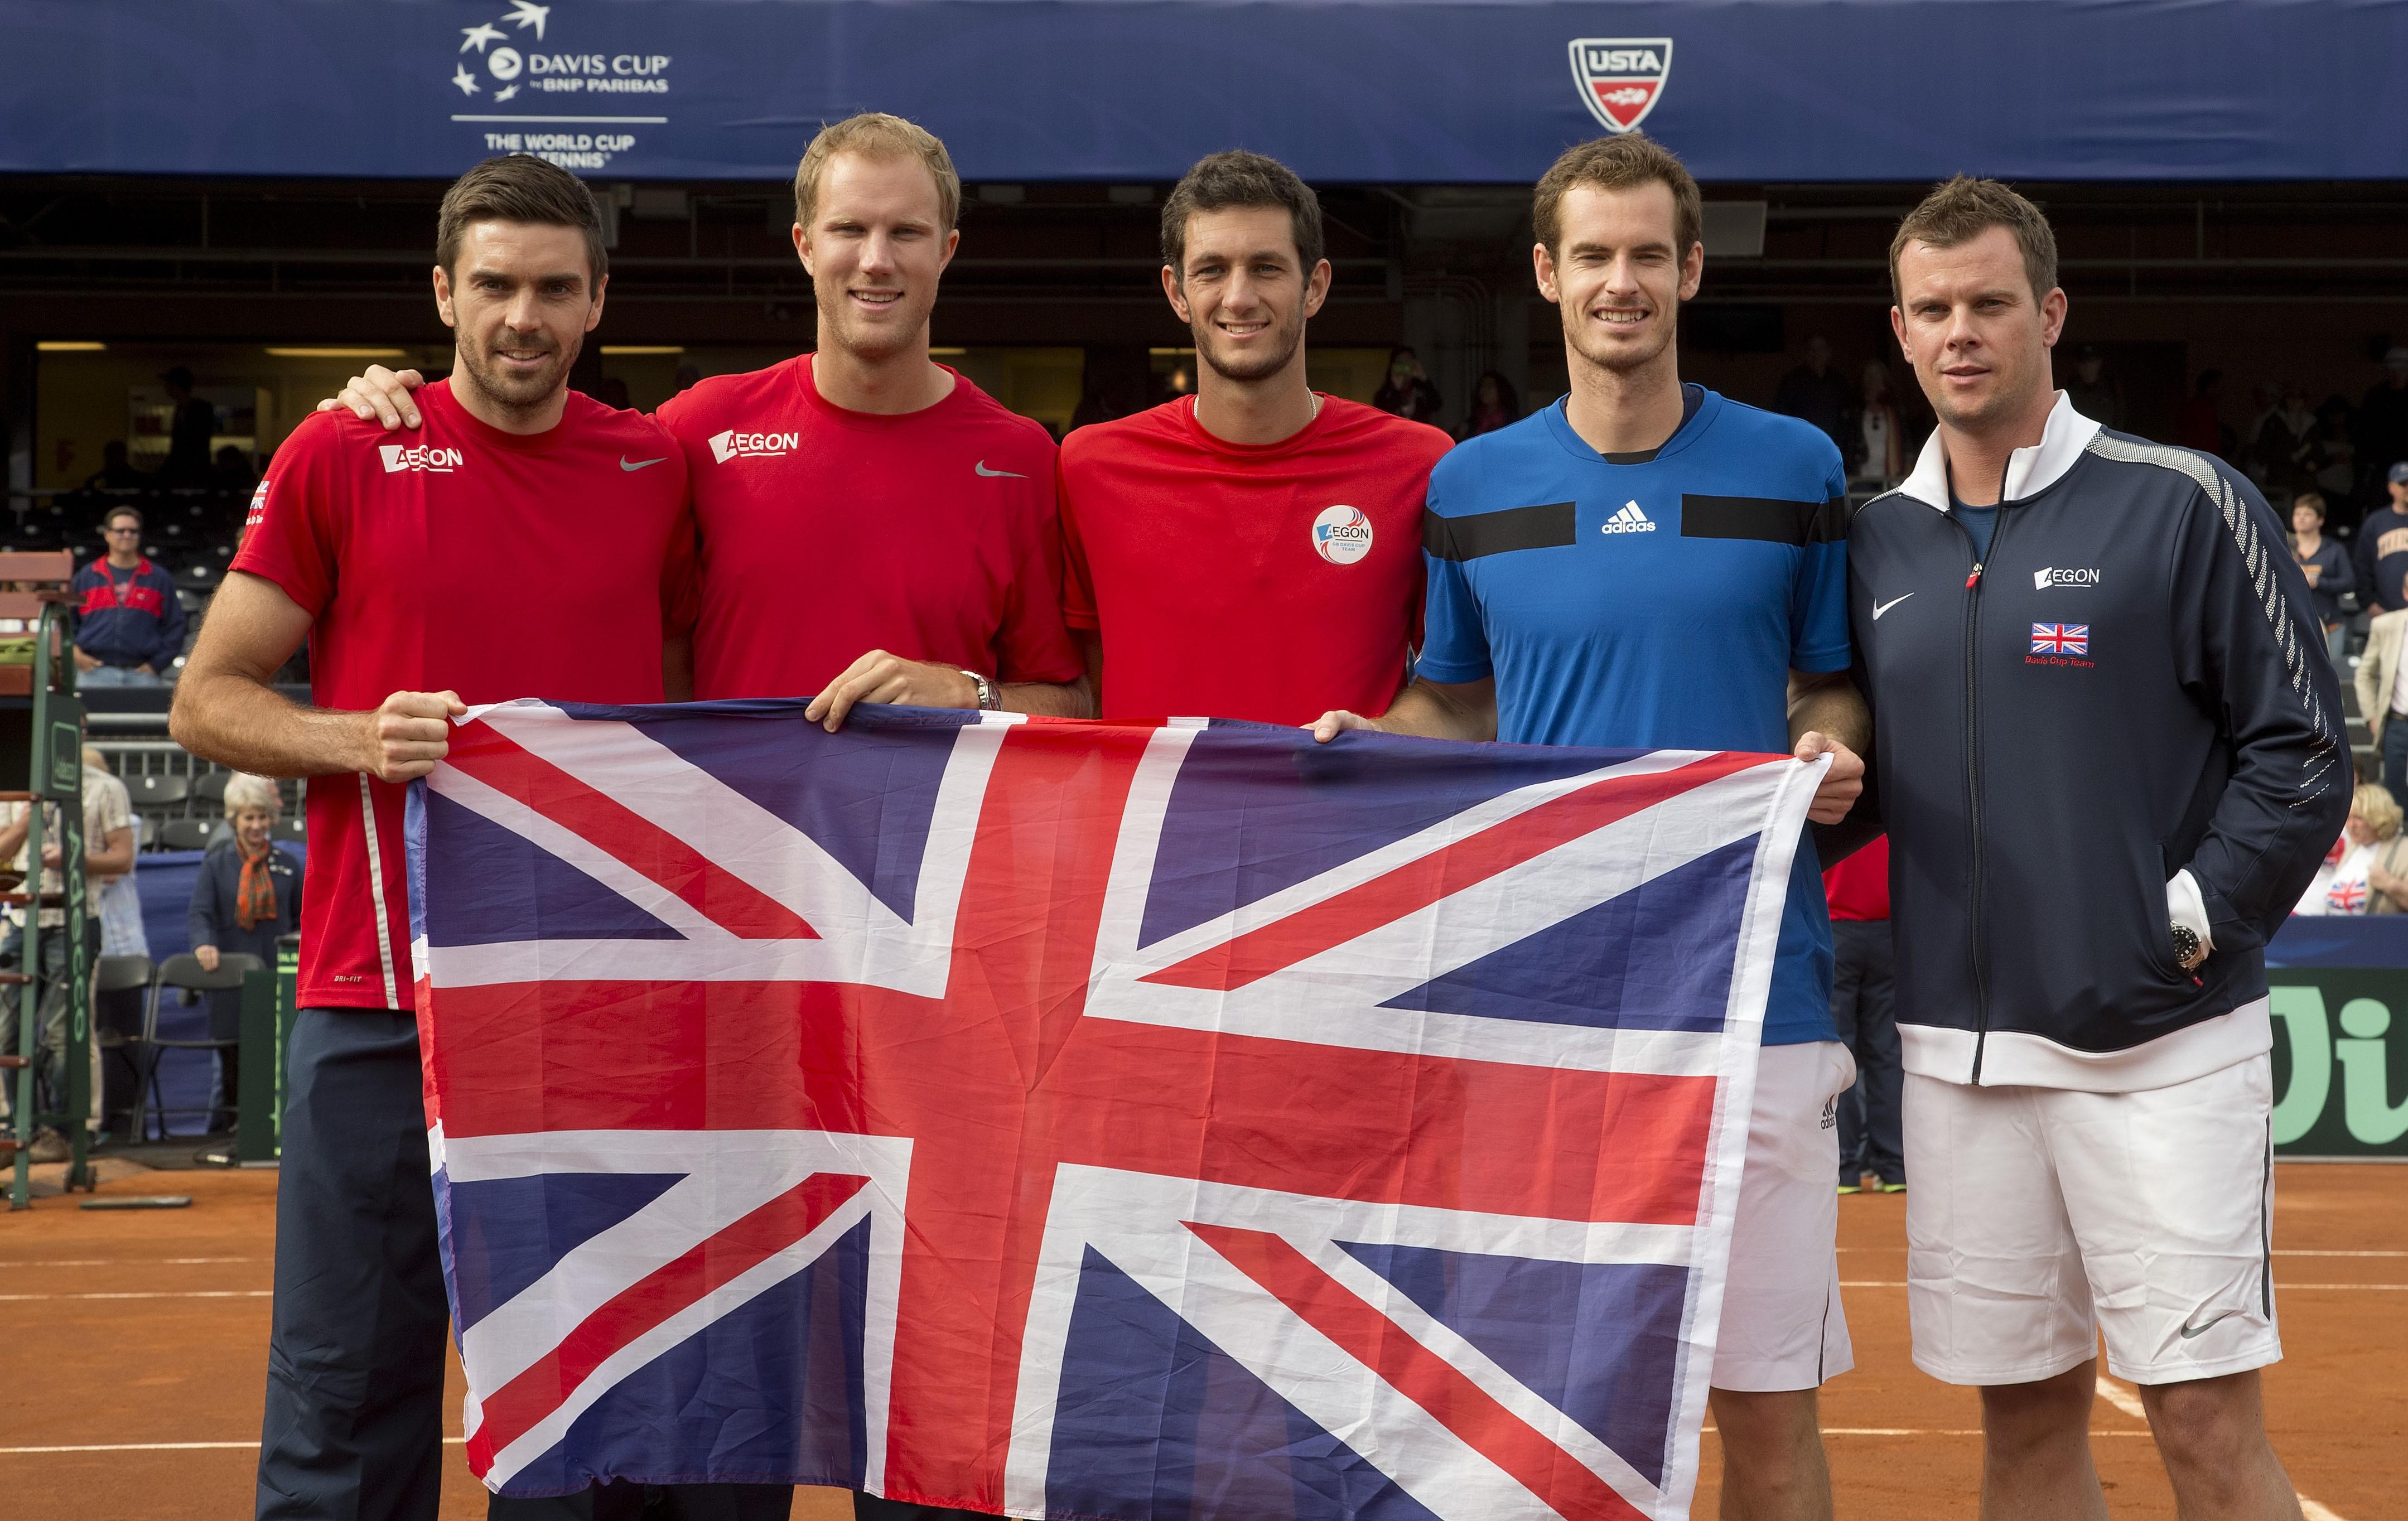 Coupe davis des quarts de finale partag s coupe davis tennis - Coupe davis quart de finale ...